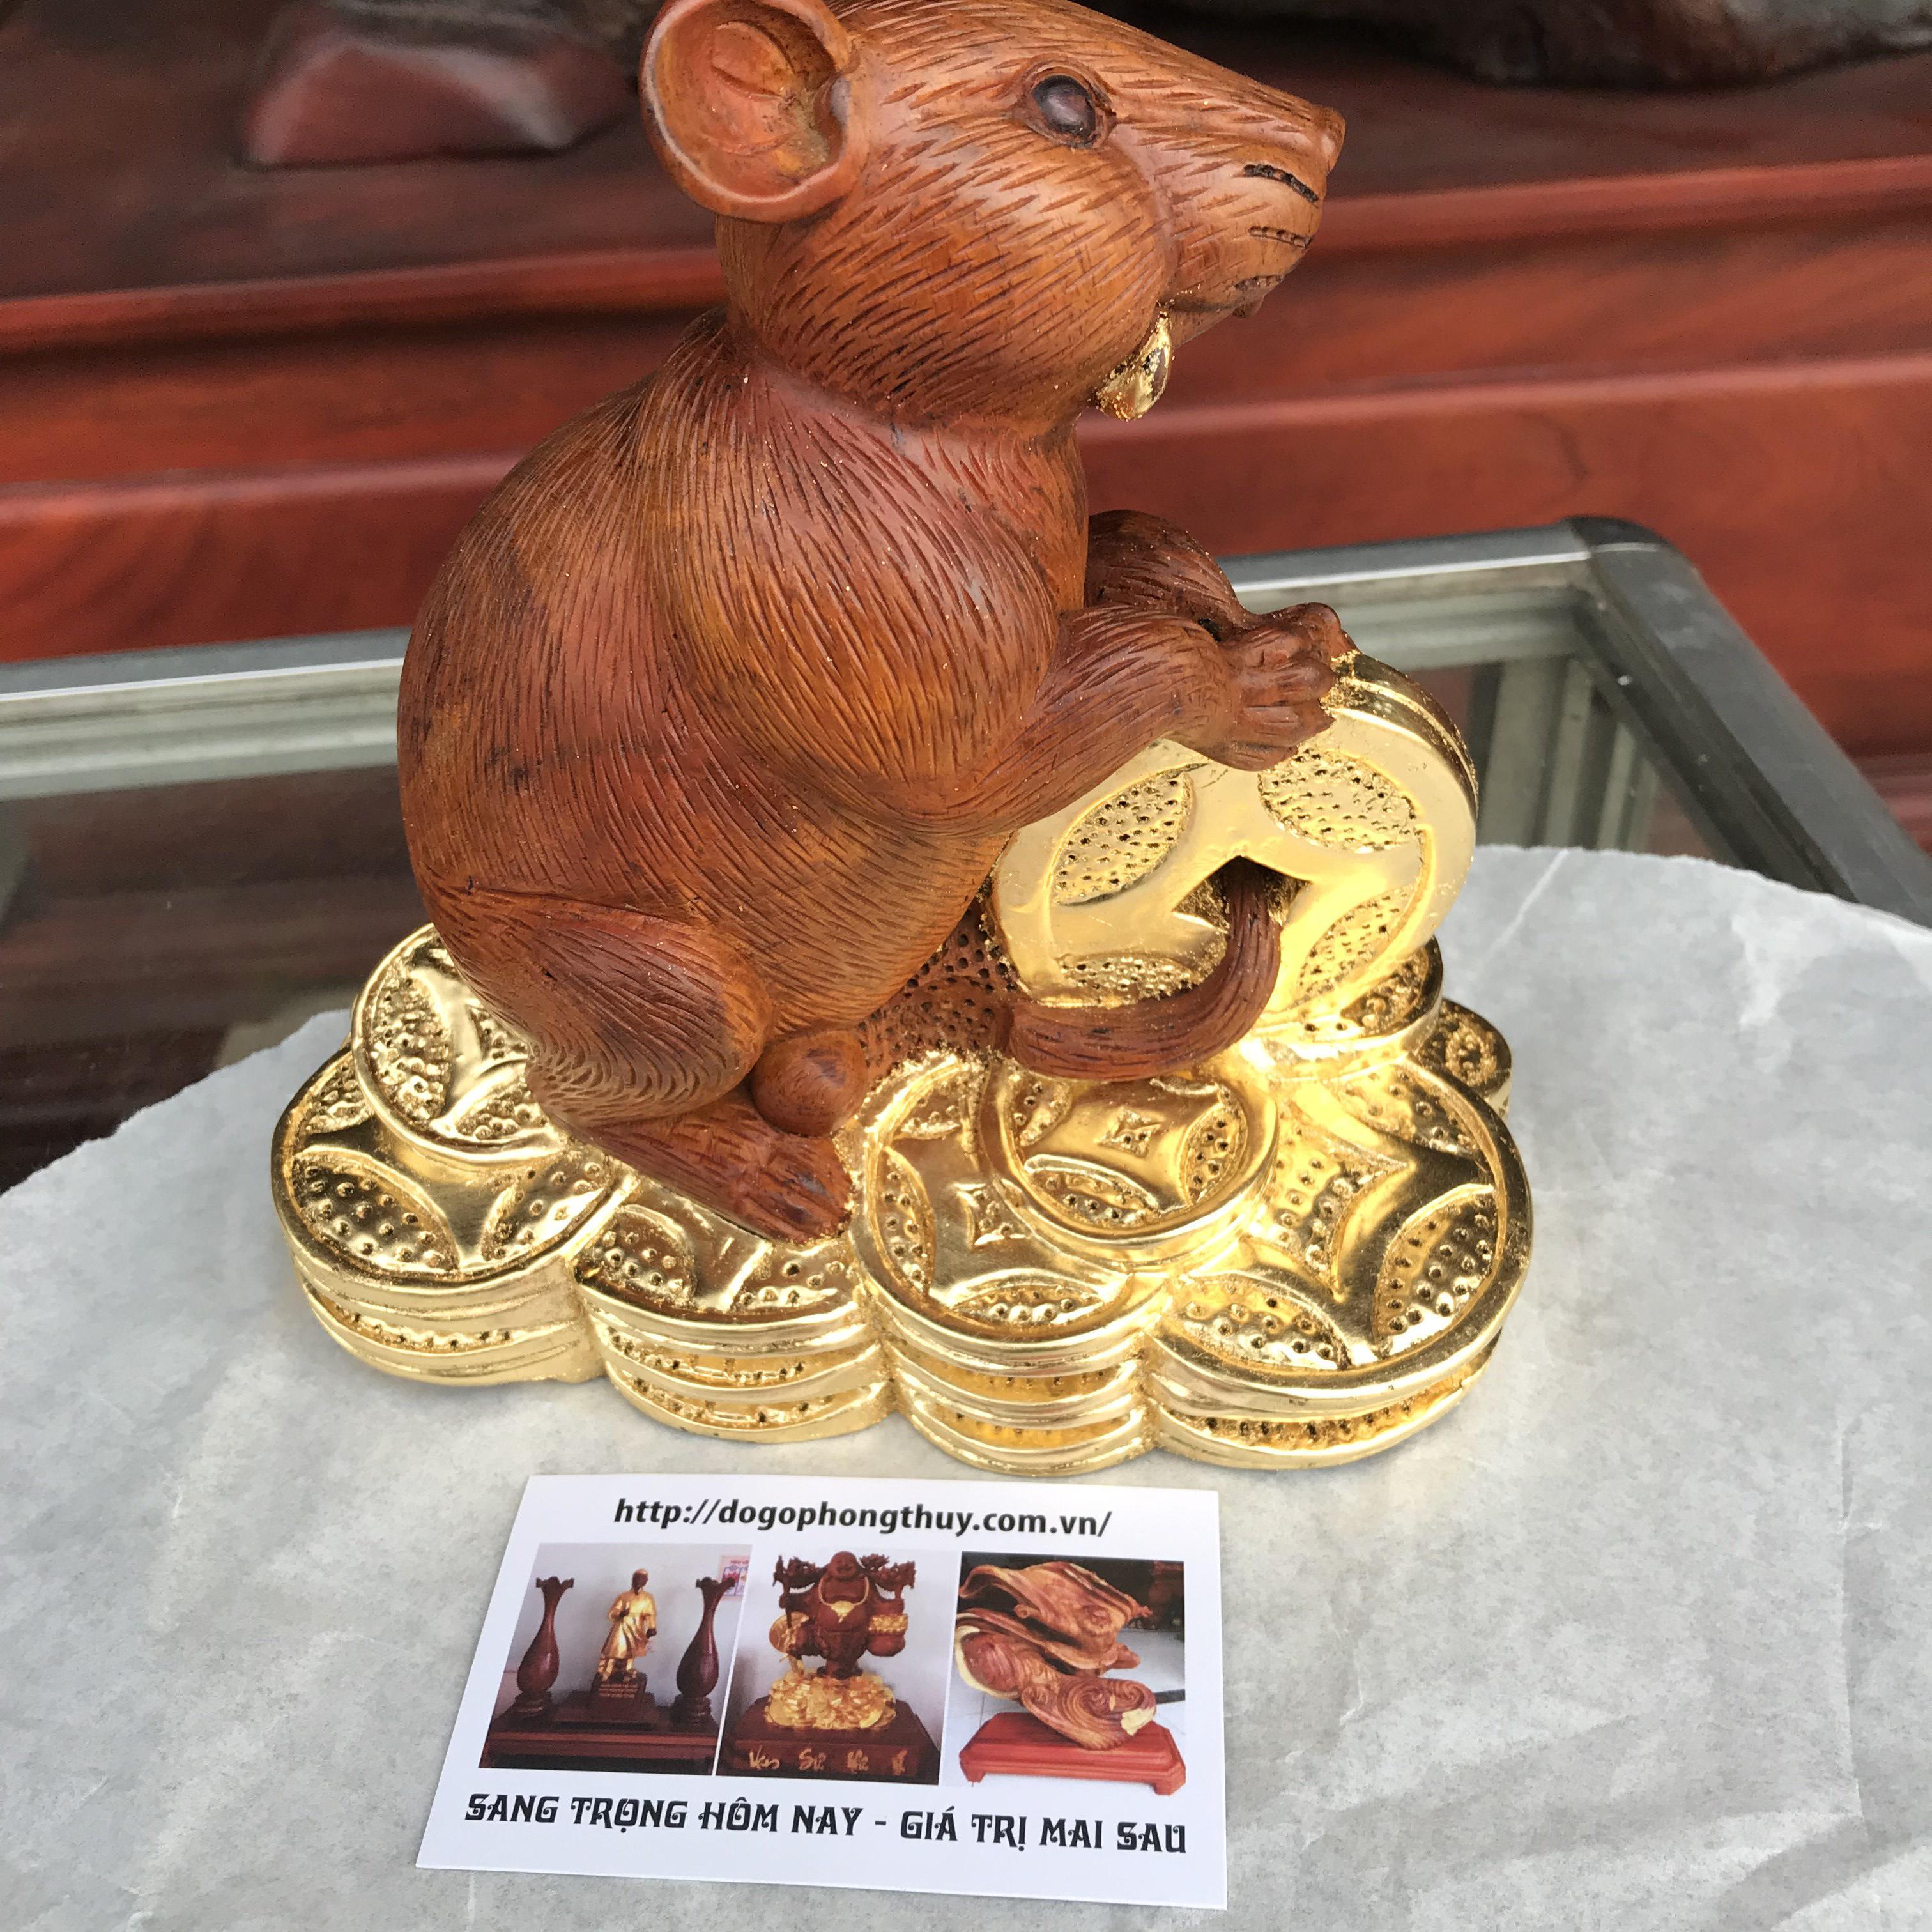 Tượng chuột phong thủy gỗ hương dát vàng 24k